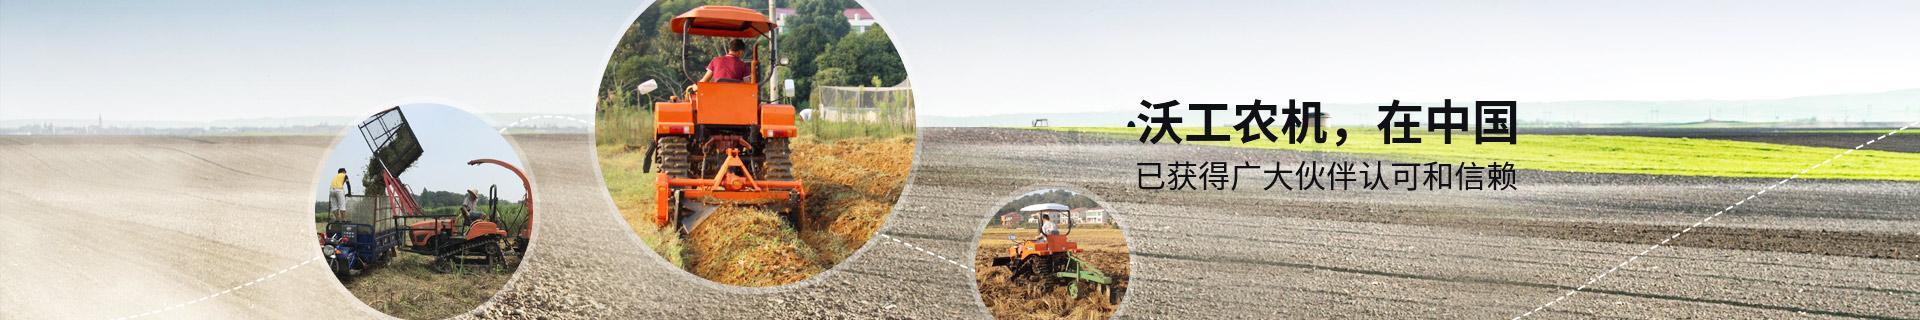 沃工农机,在中国,已获得广大伙伴认可和信赖